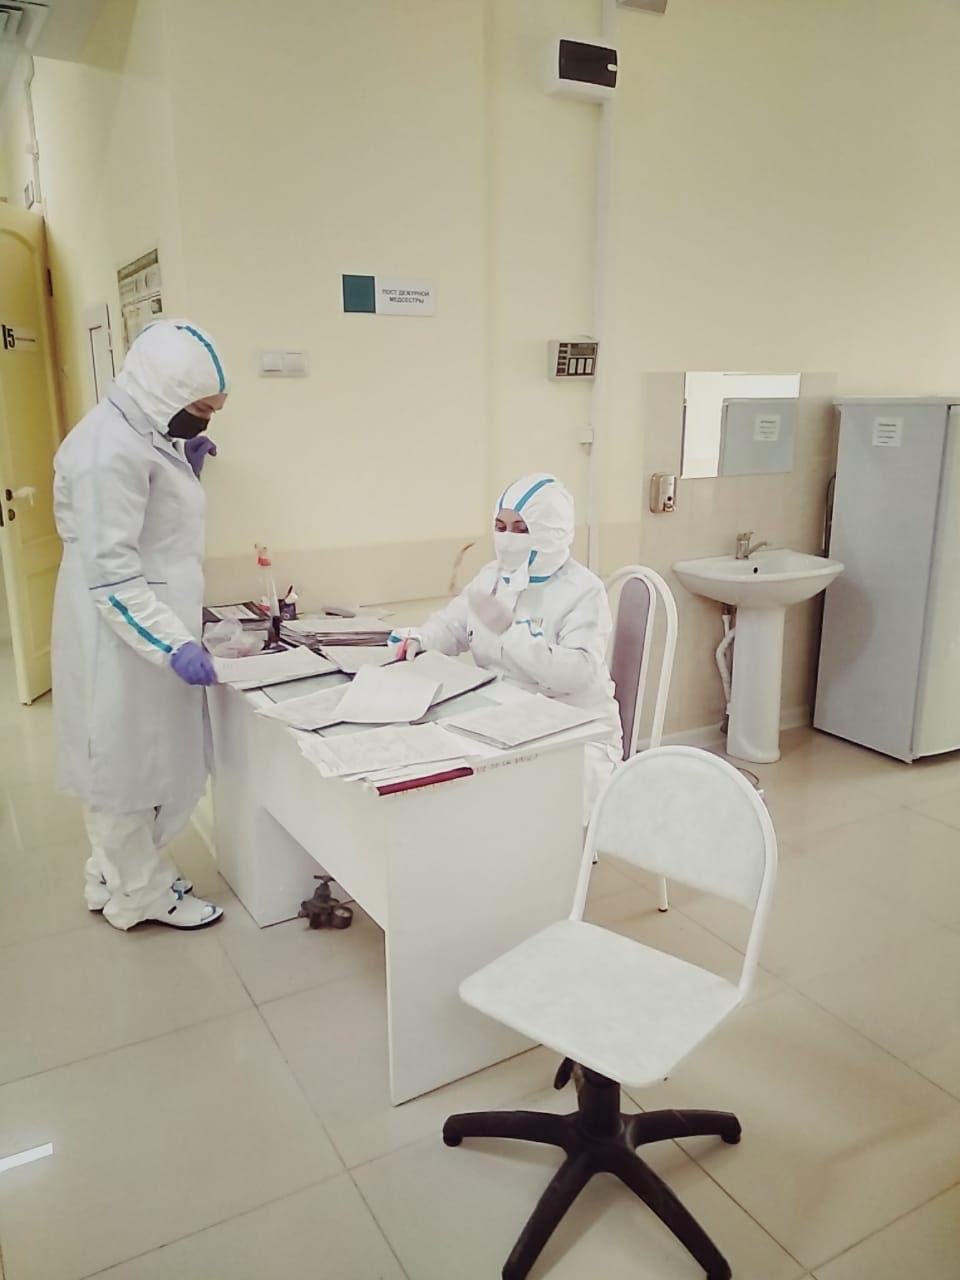 لباس واق من كورونا في أحد مستشفيات داغستان بروسيا